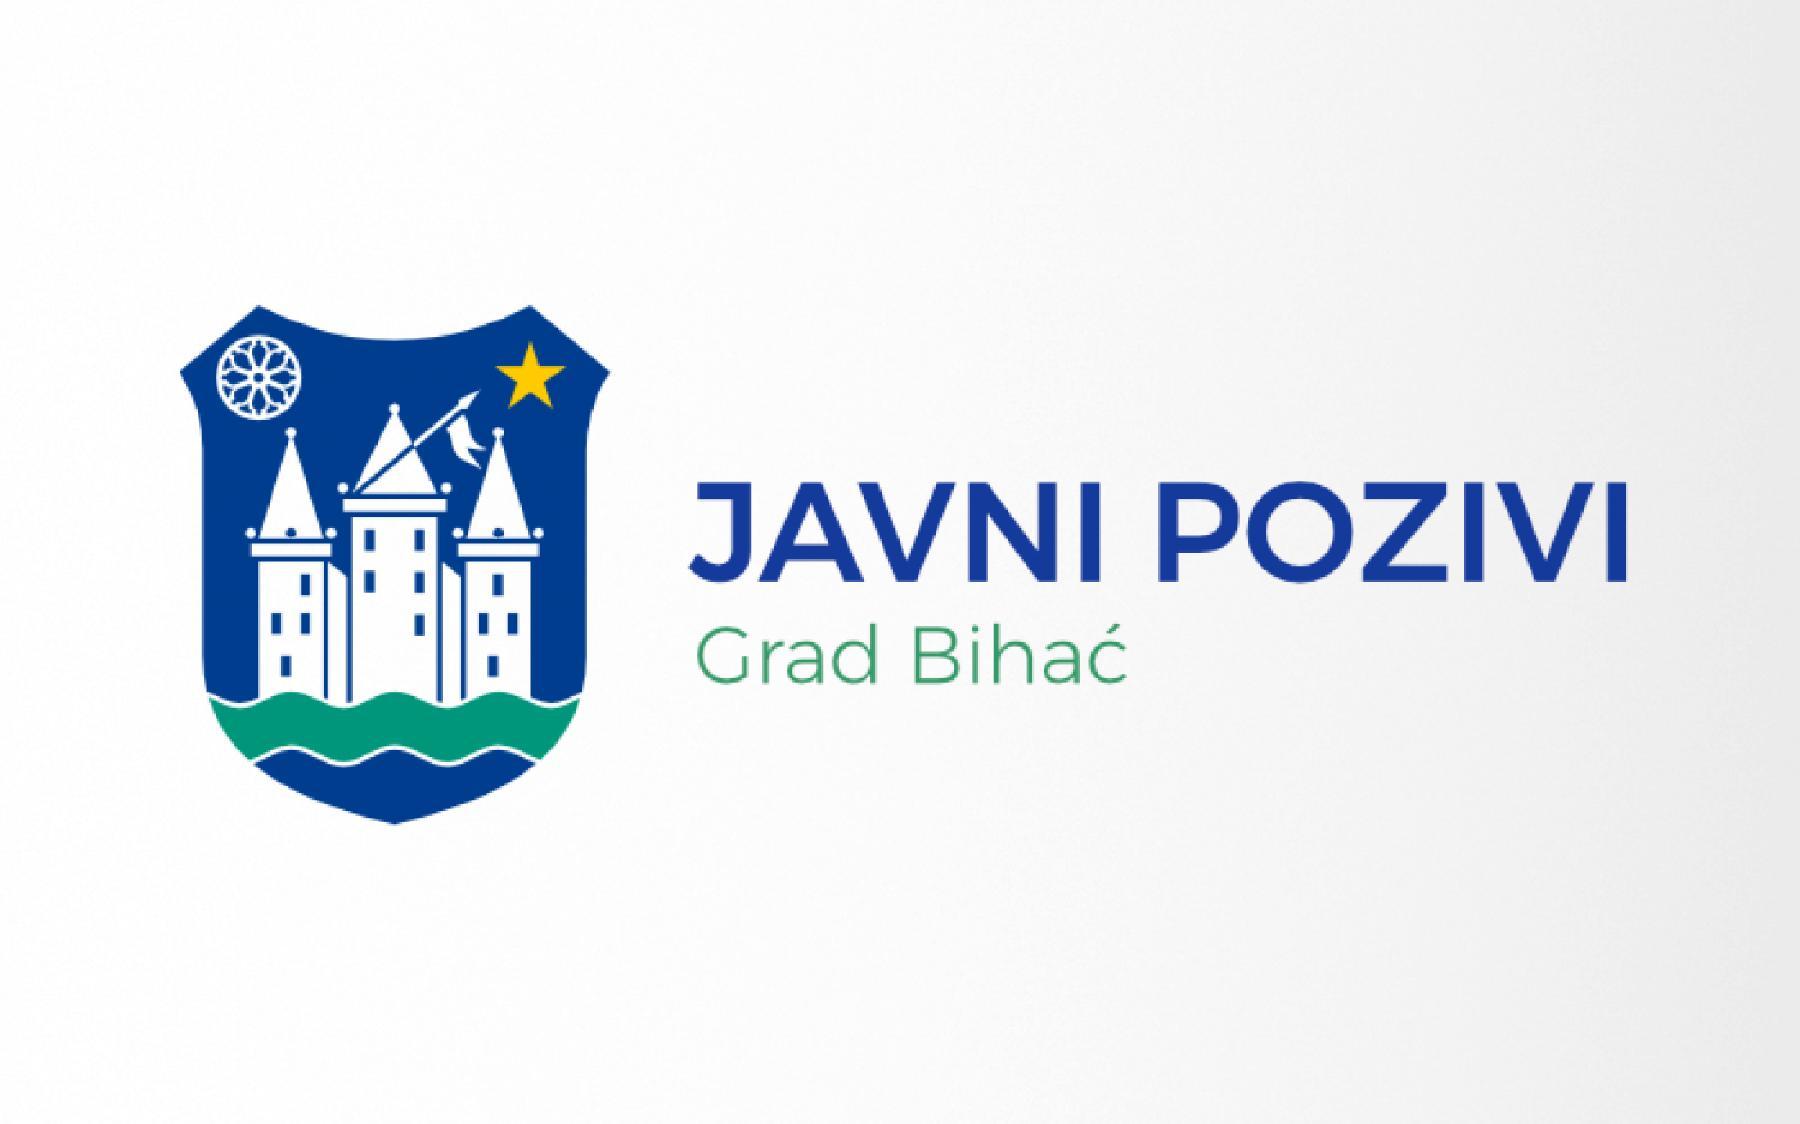 Javni poziv za predlaganje projekata organizacija civilnog društva (OCD) za su/financiranje sredstvima Budžeta Grada Bihaća za 2021. godinu